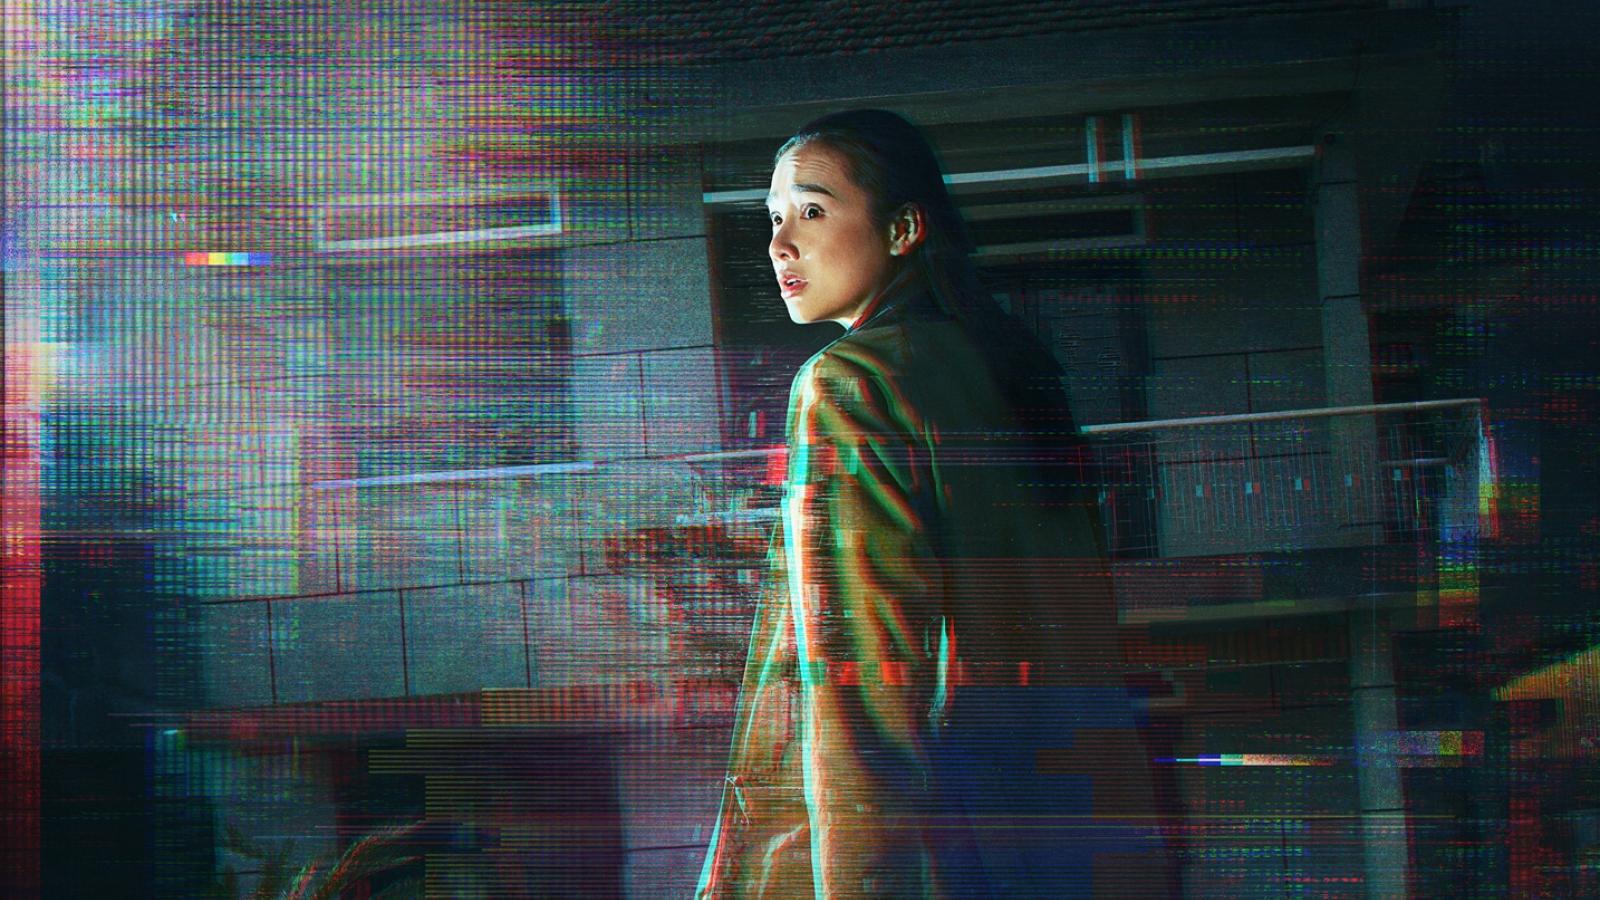 """Hé lộ mối quan hệ của Nhã Phương, Trương Thế Vinh trong """"Song song"""""""